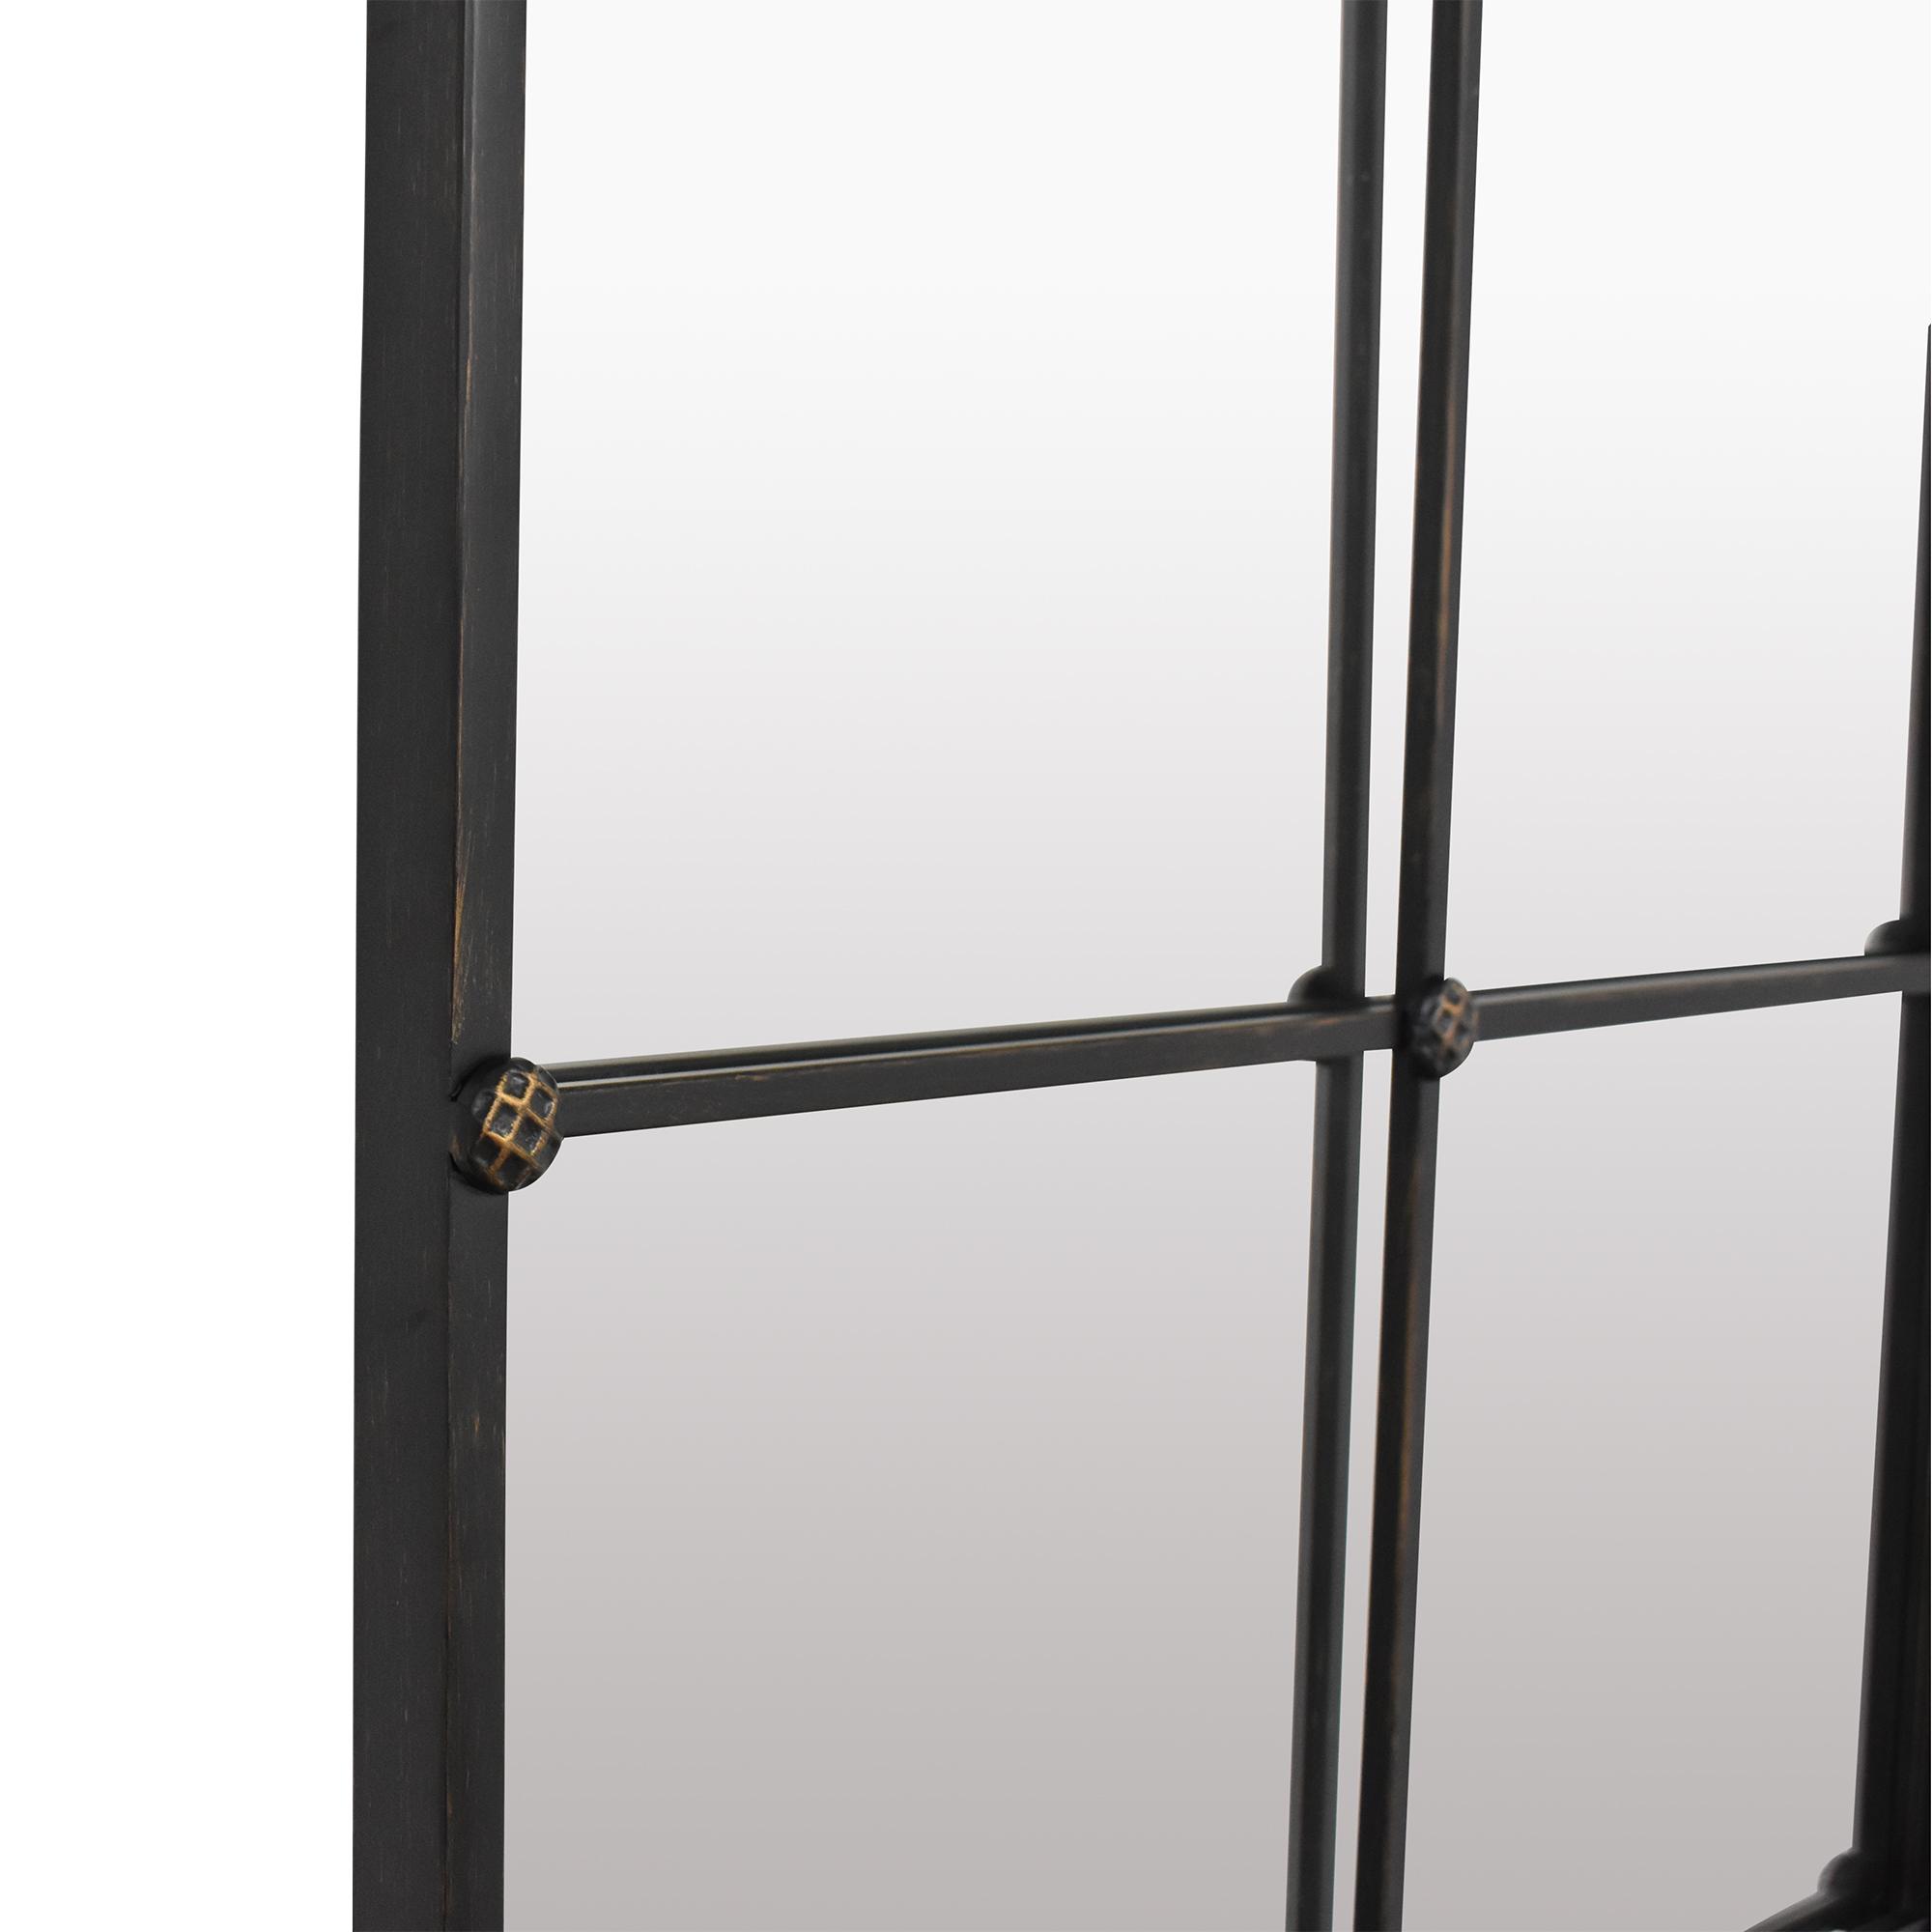 Ballard Designs Grand Palais Rectangle Mirror / Decor